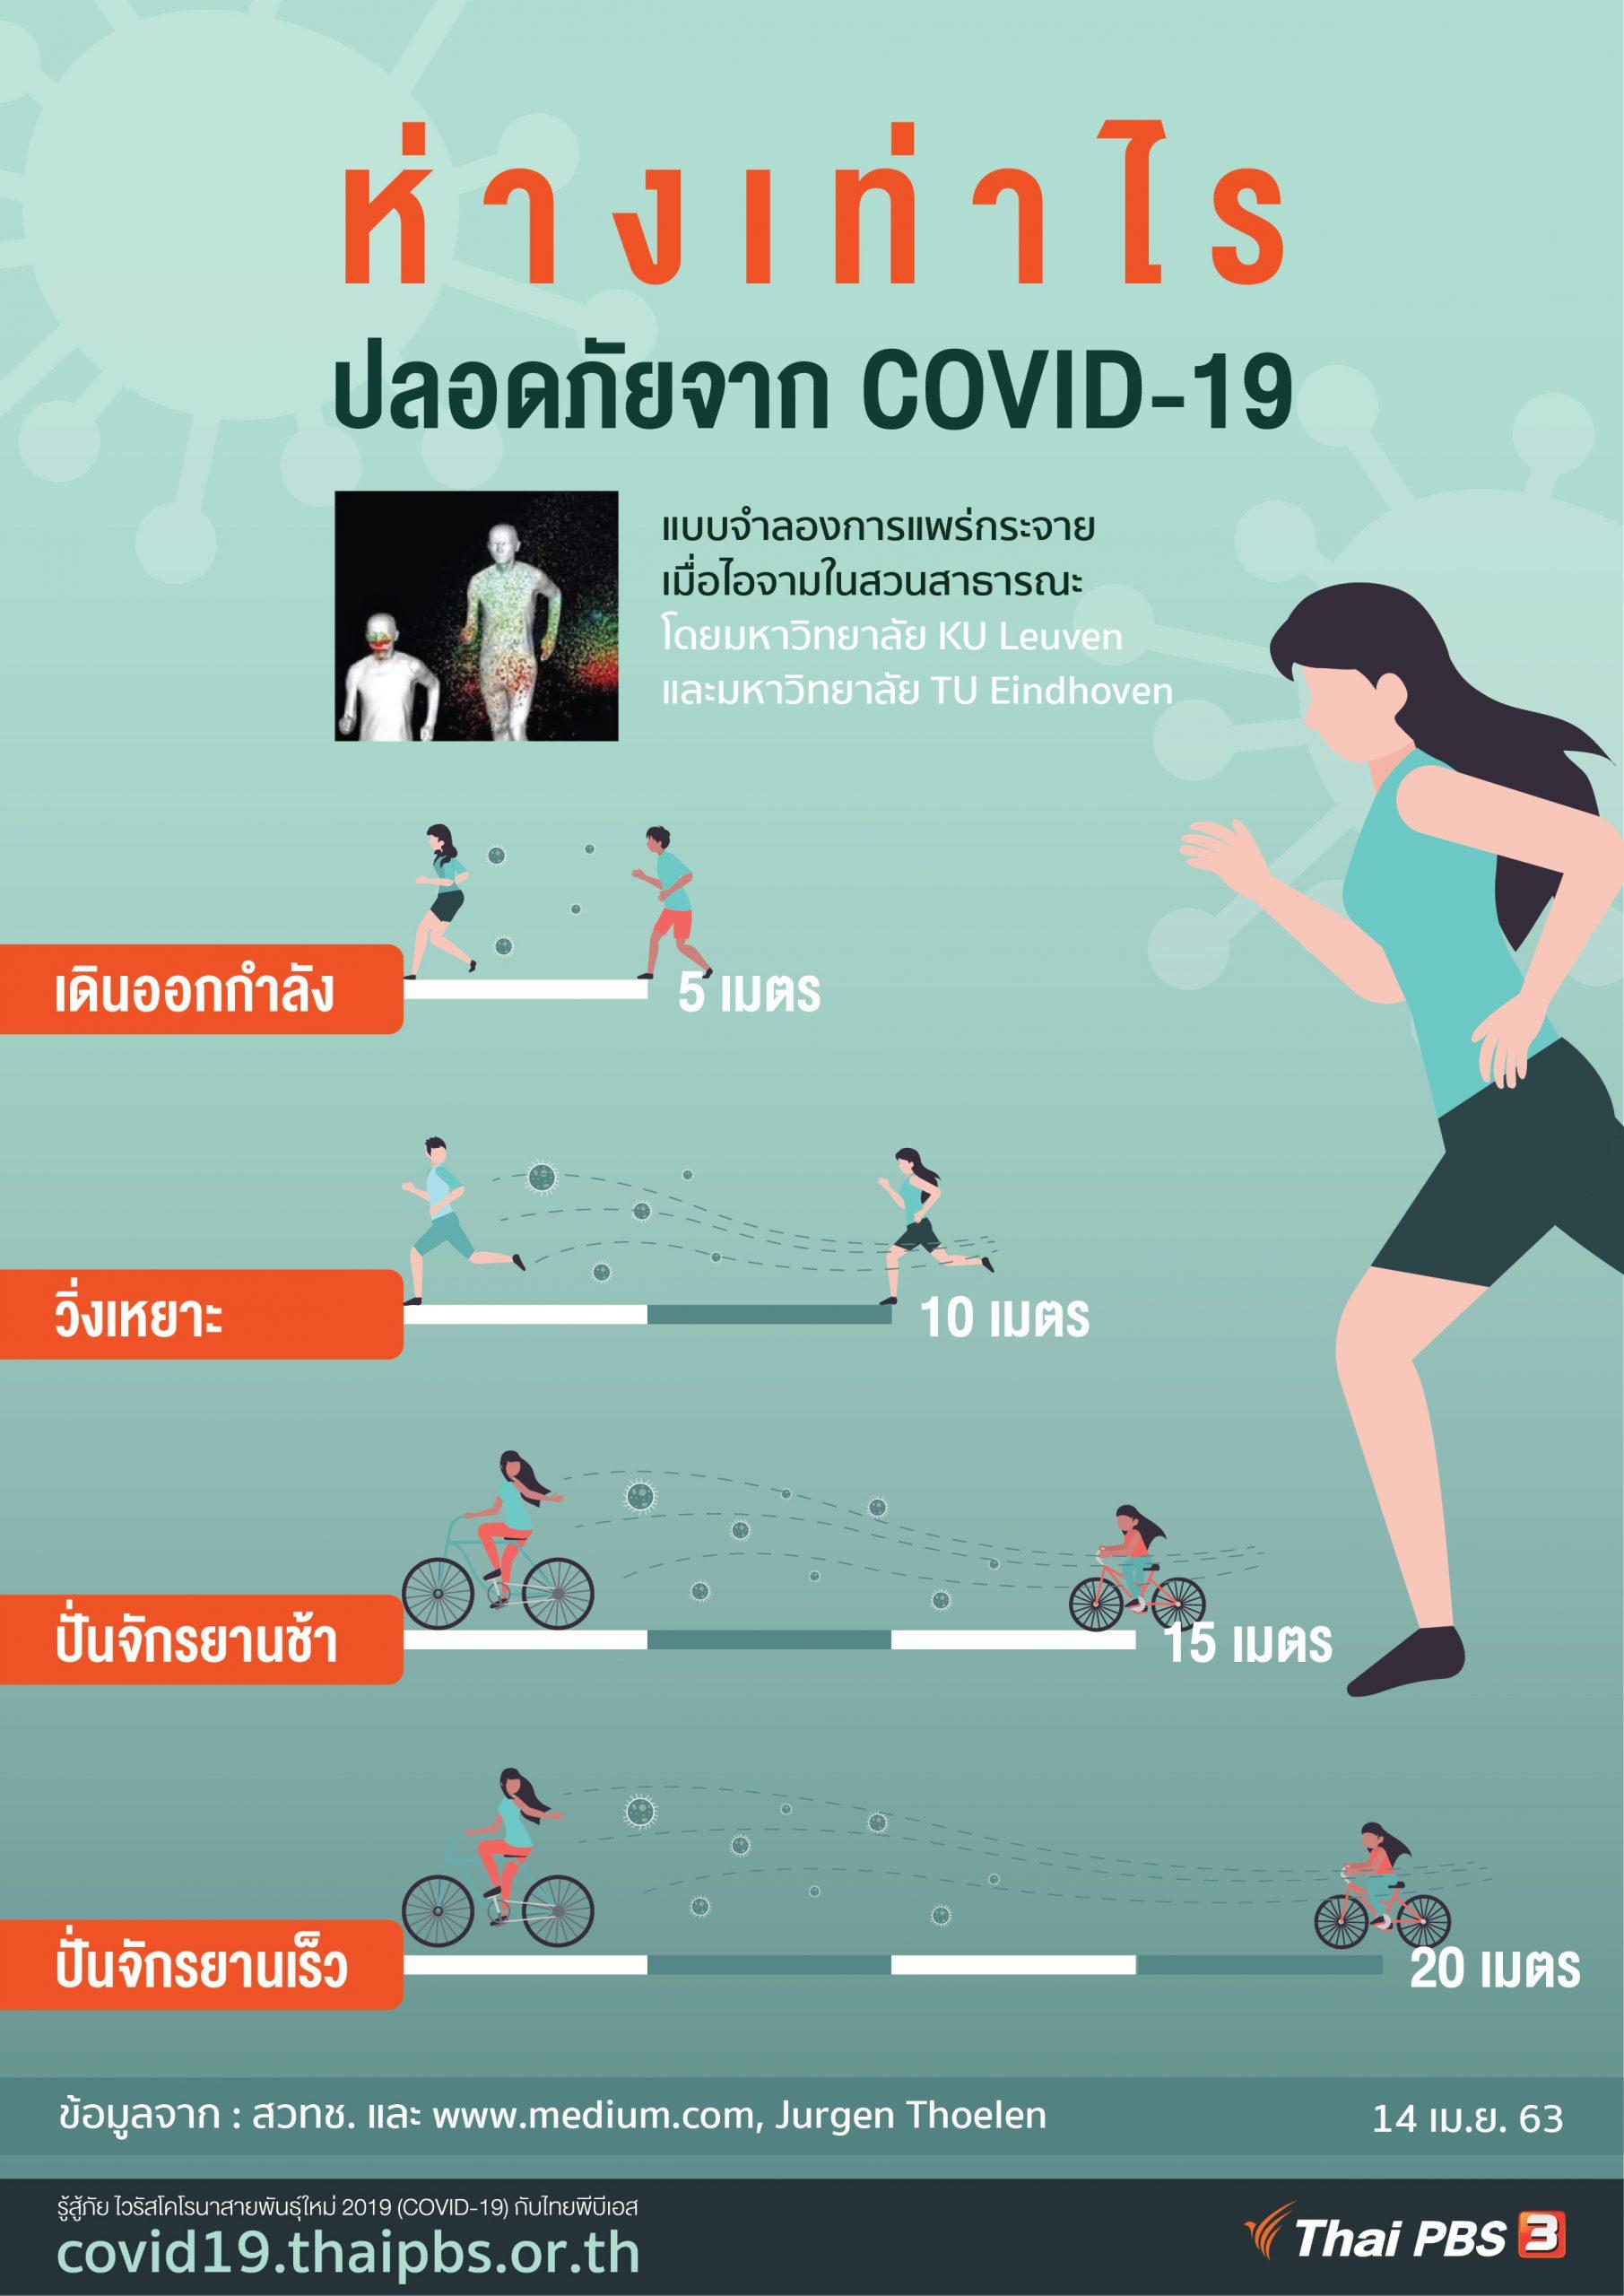 ห่างเท่าไร ปลอดภัยจาก COVID-19